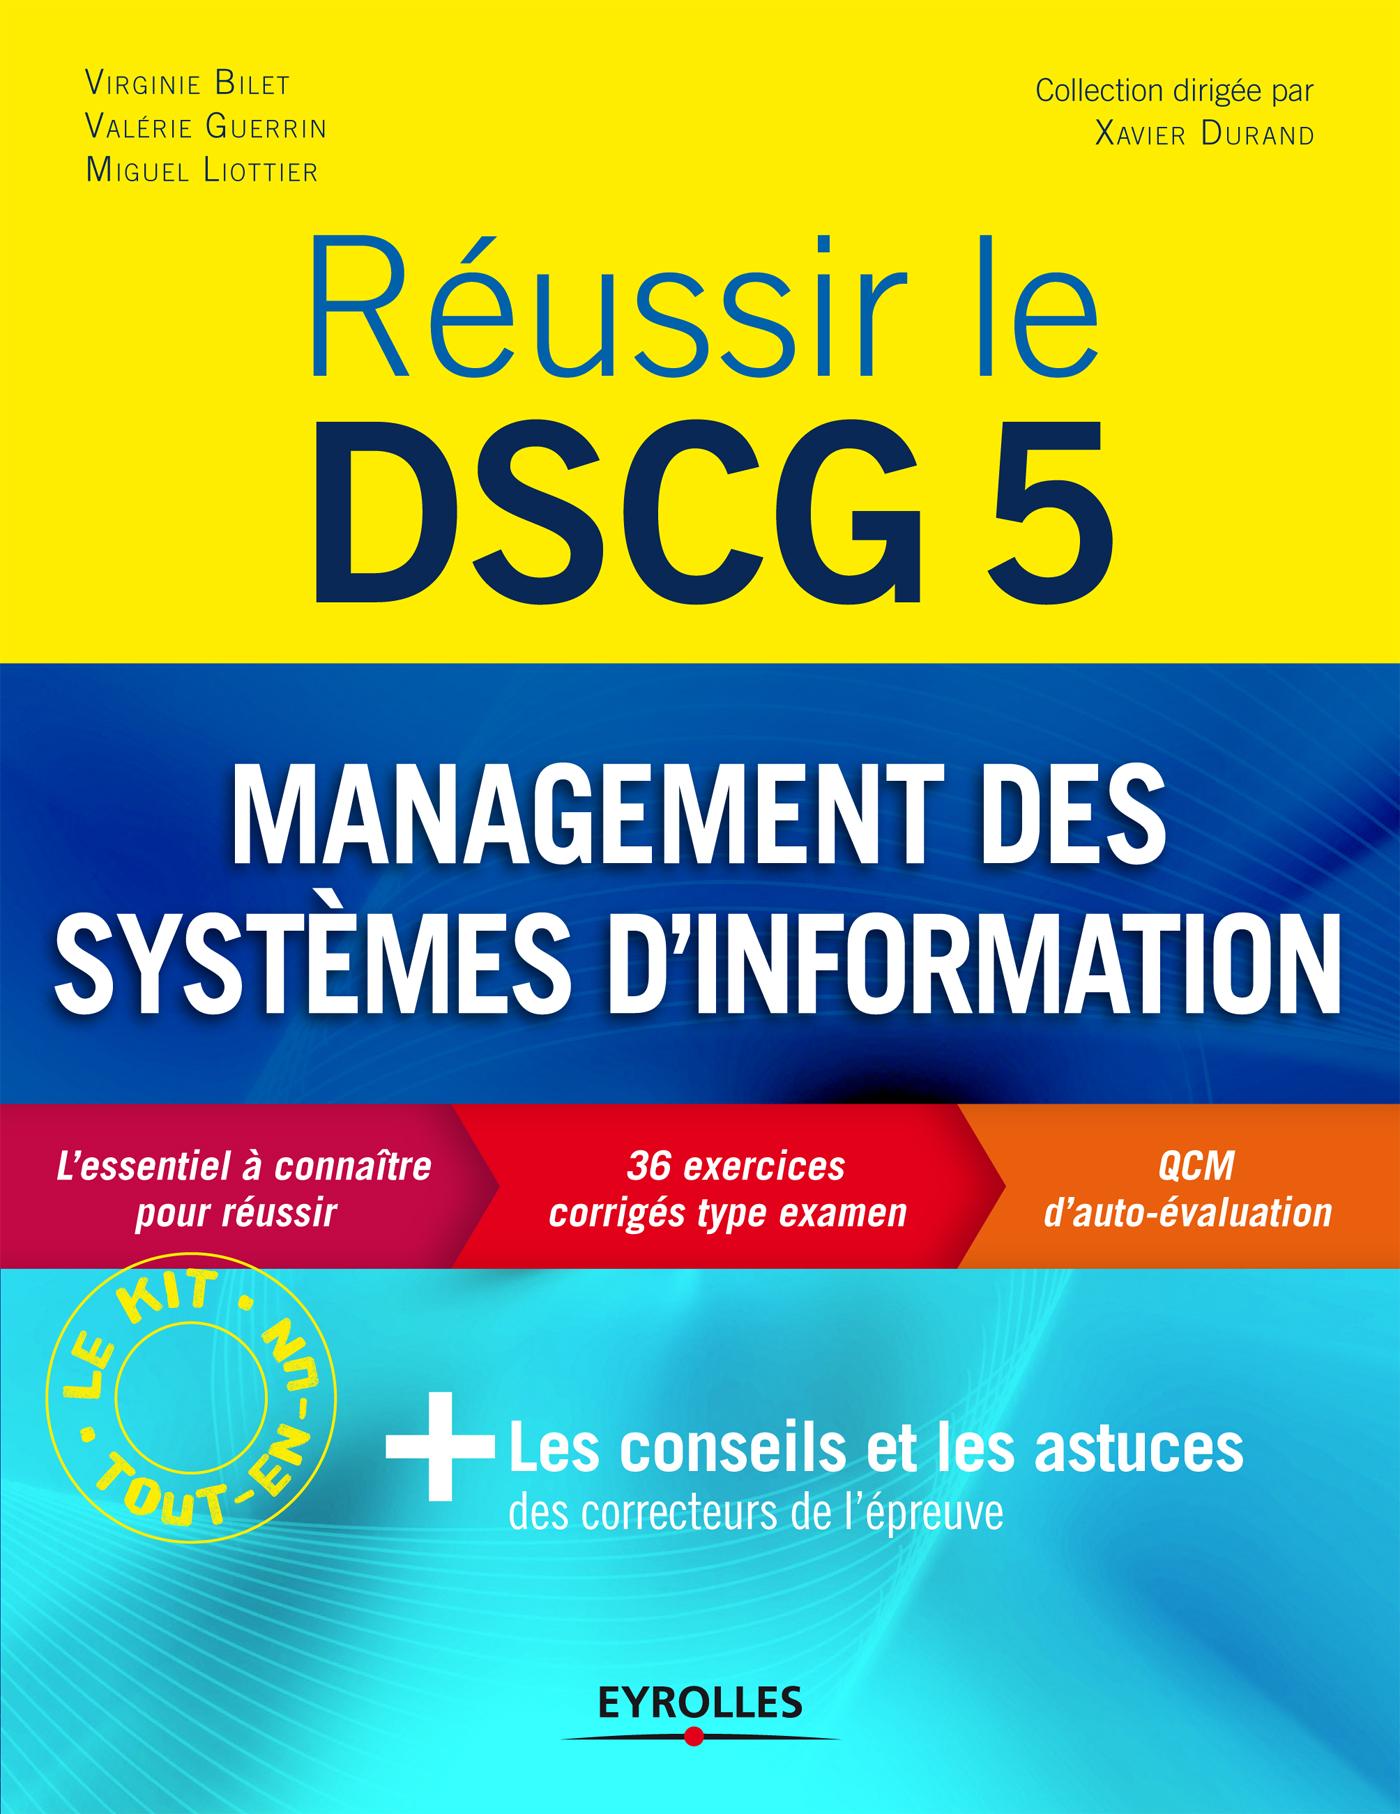 Ebook r ussir le dscg 5 management des syst mes d - Cabinet conseil systeme d information ...